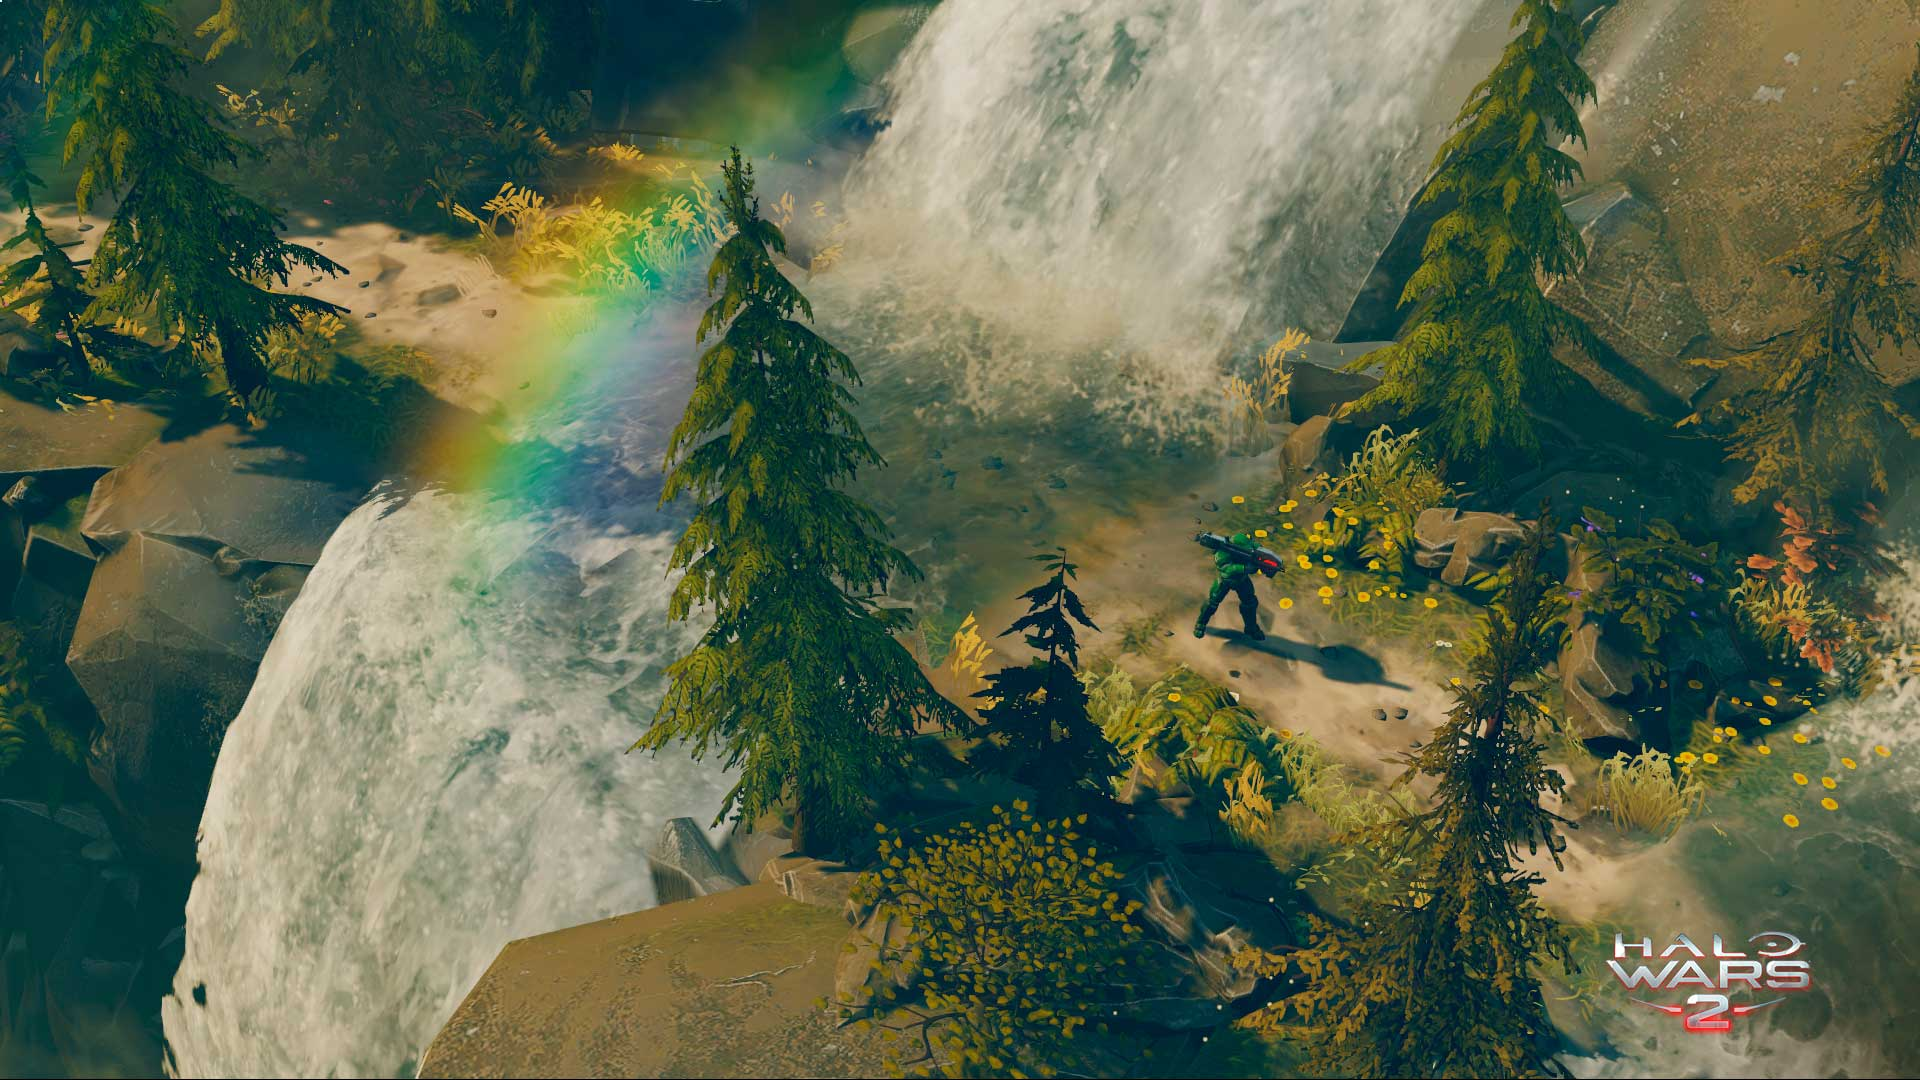 Análisis de Halo Wars 2 en Xbox One y Windows 10 4